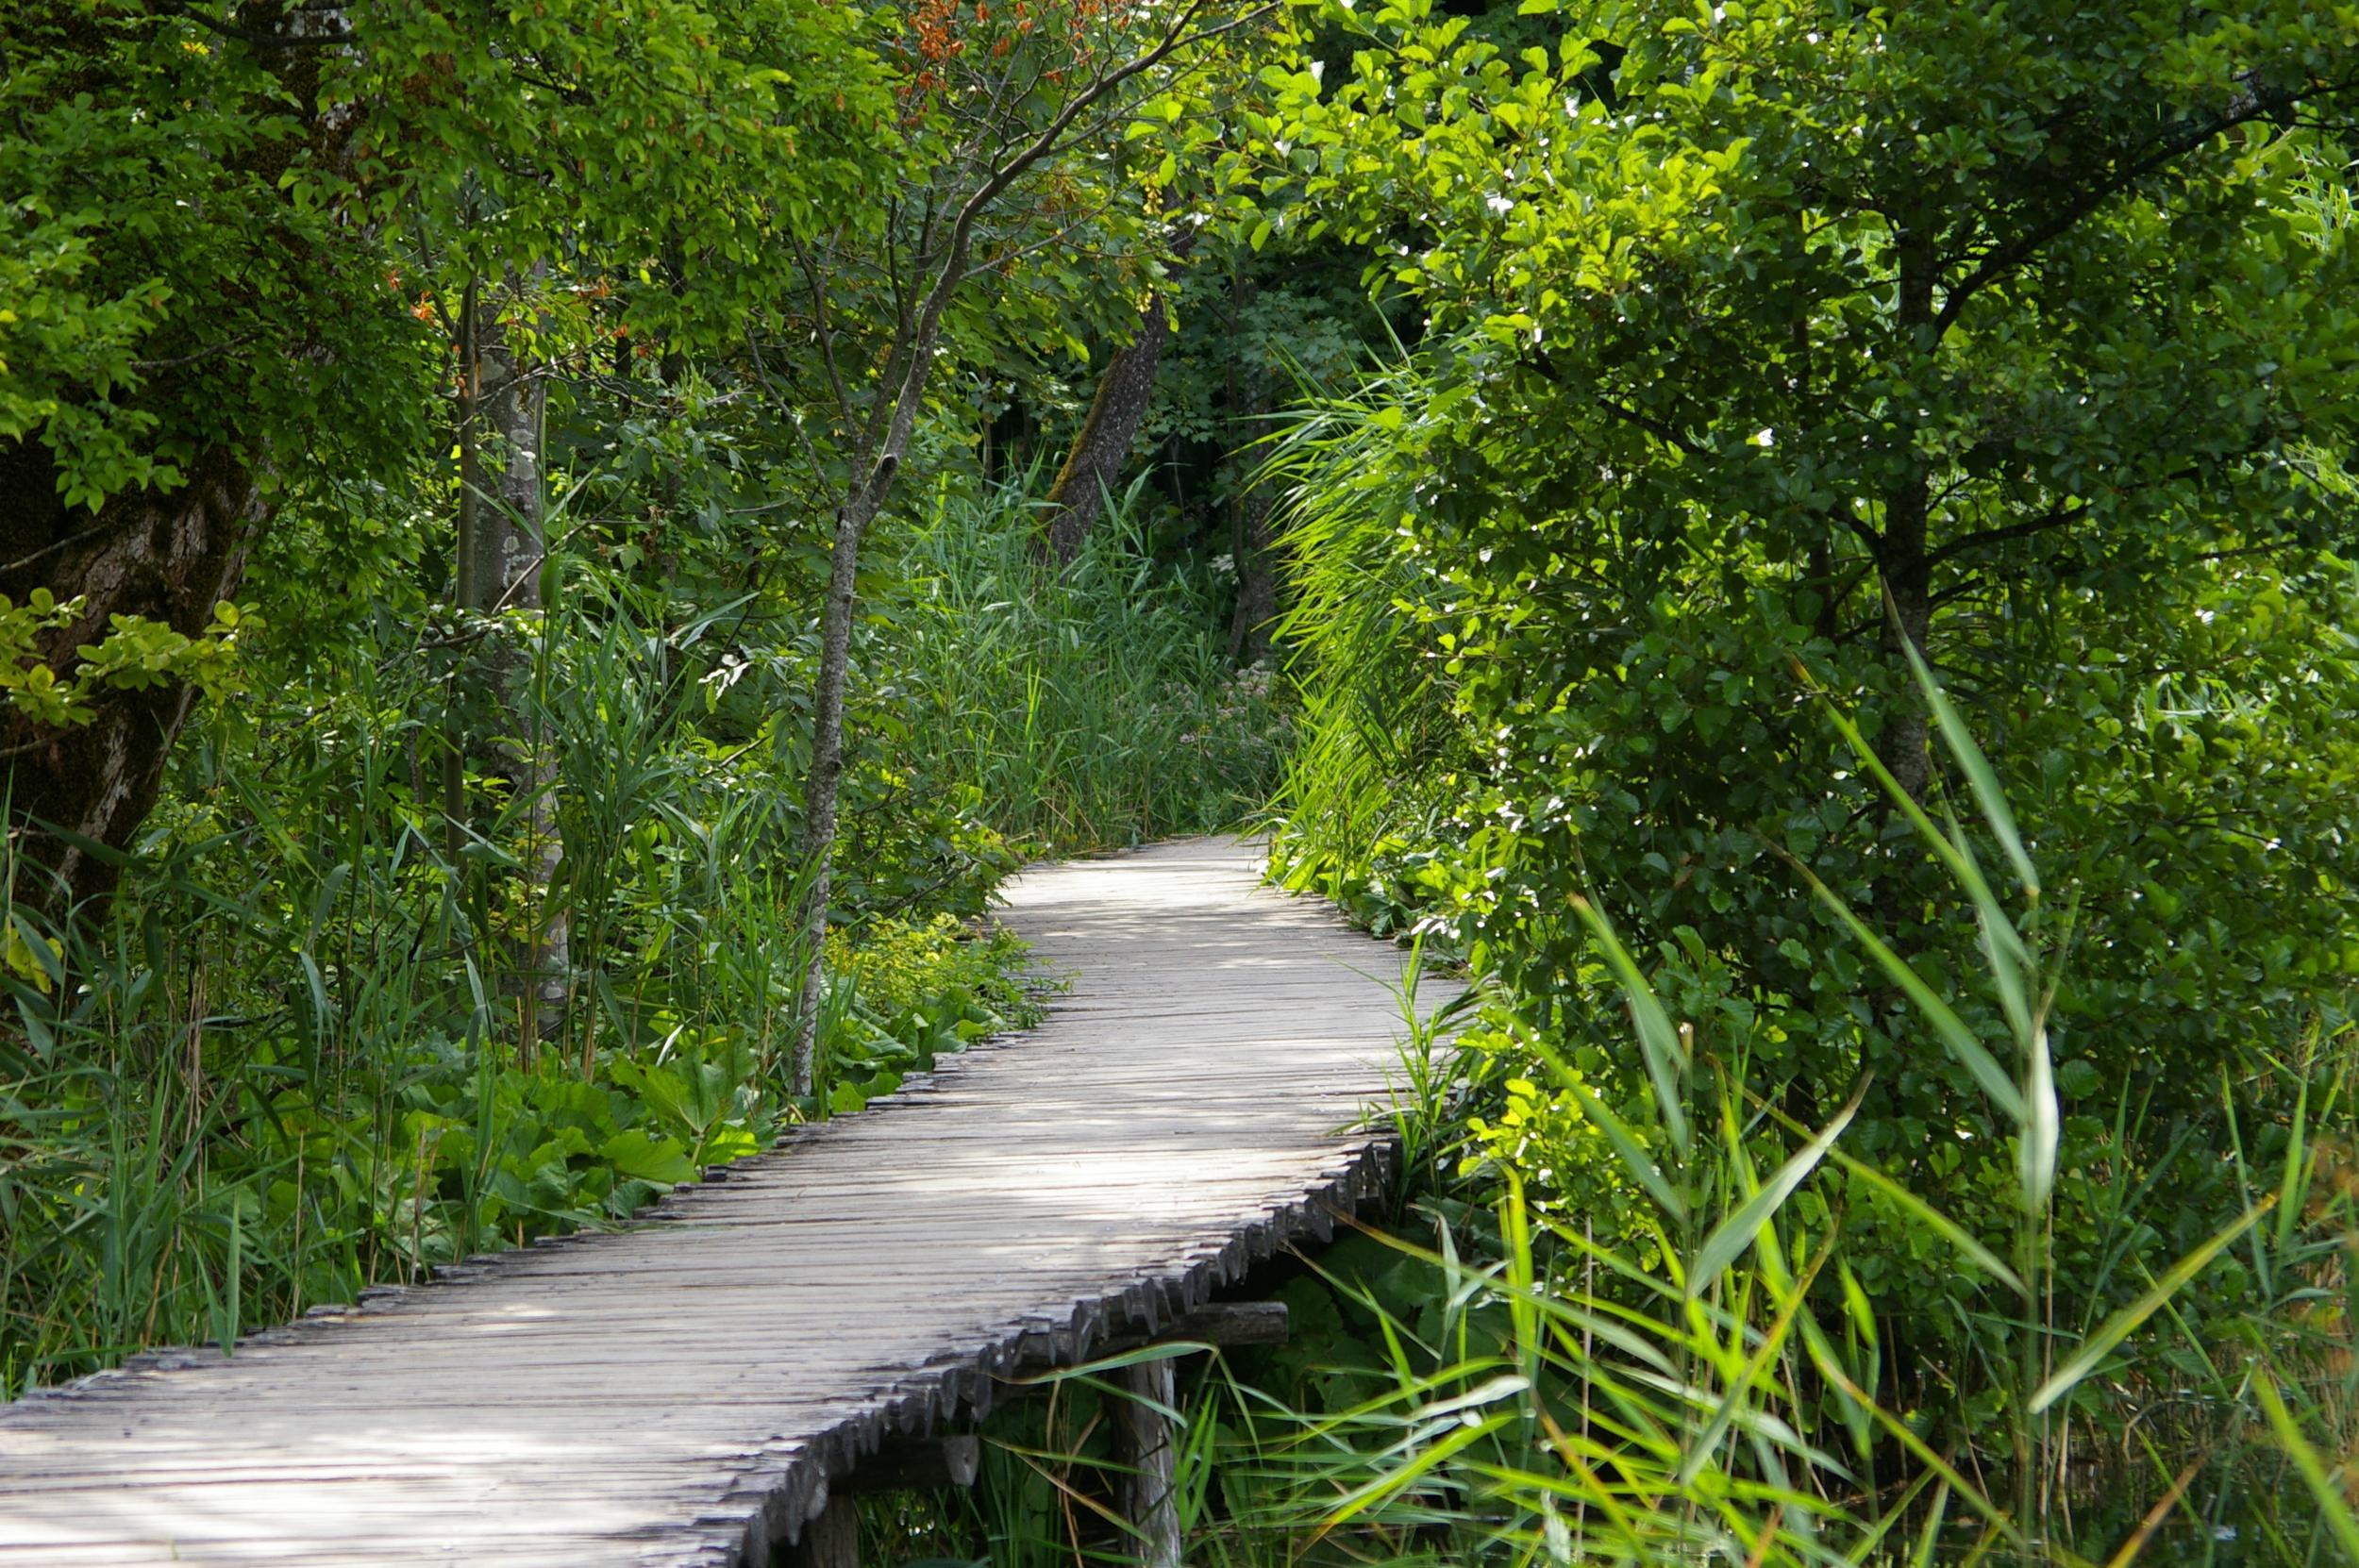 Memoriza el recorrido: las ideas y las conexiones. Foto: lbajorwppl (freeimages.com)